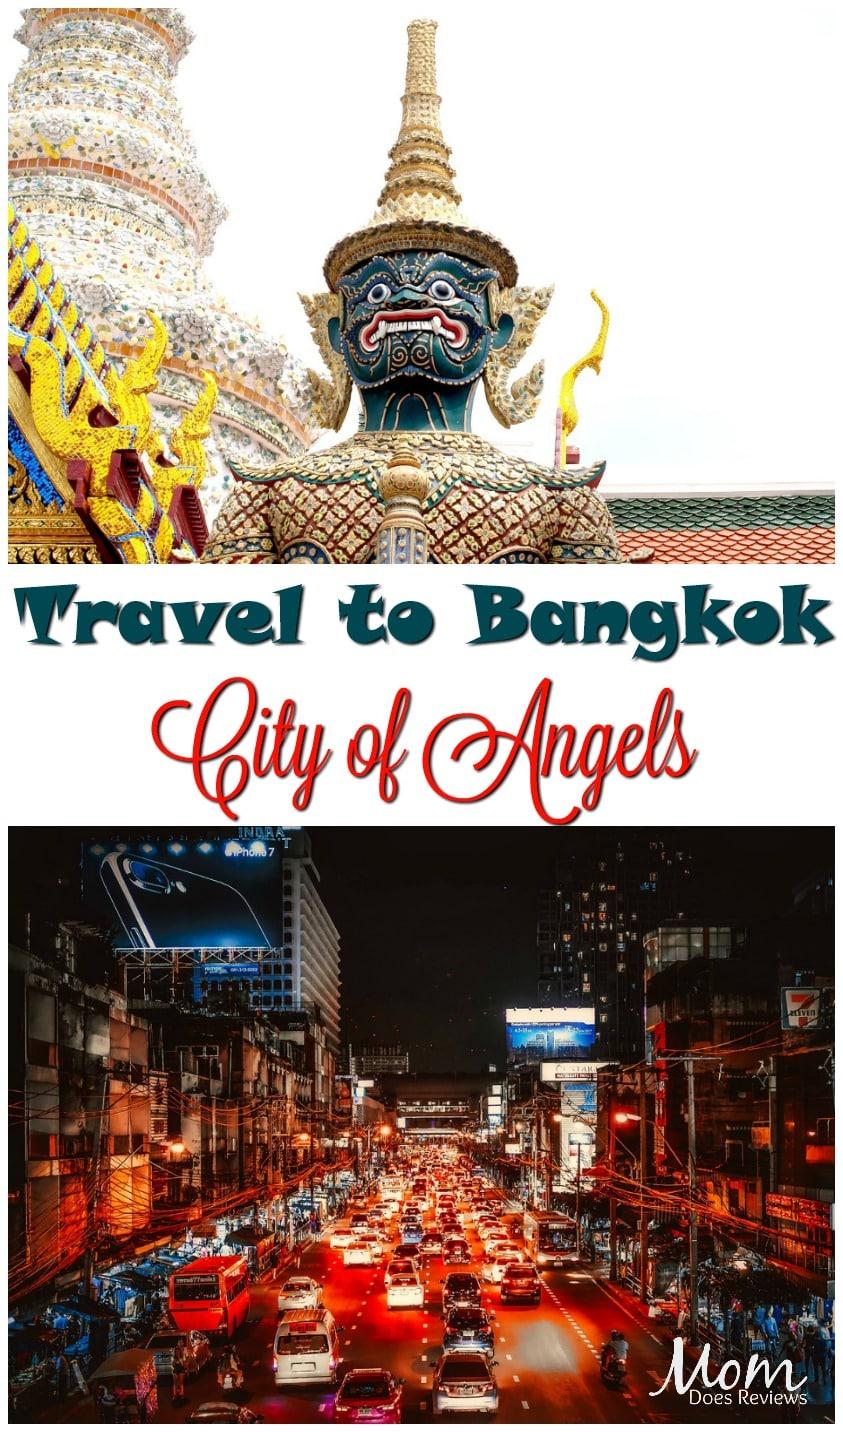 Travel to Bangkok: City of Angels #travel #vacation #destination #bangkok